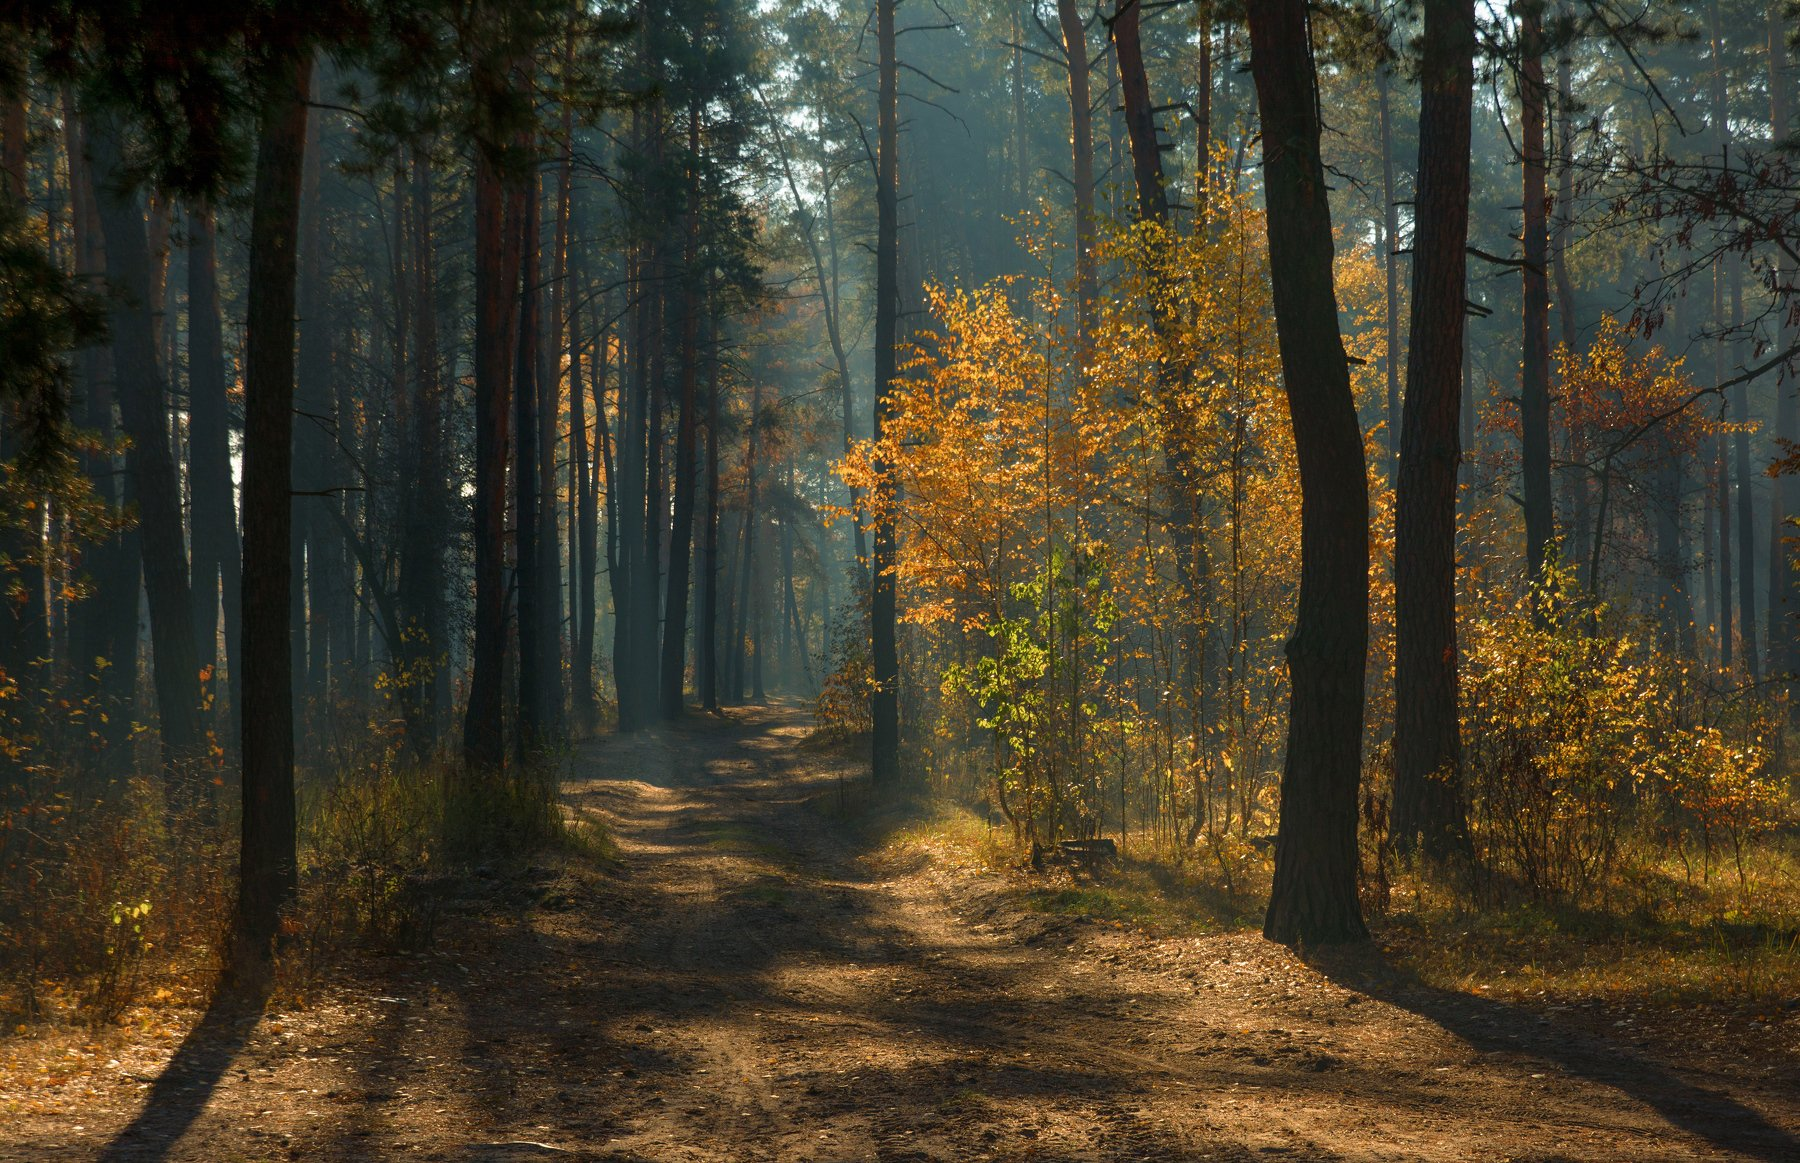 landscape, пейзаж, утро, лес, сосны, деревья, солнечный свет, солнечные лучи, солнце, природа, тропинка, прогулка, осень, Михаил MSH